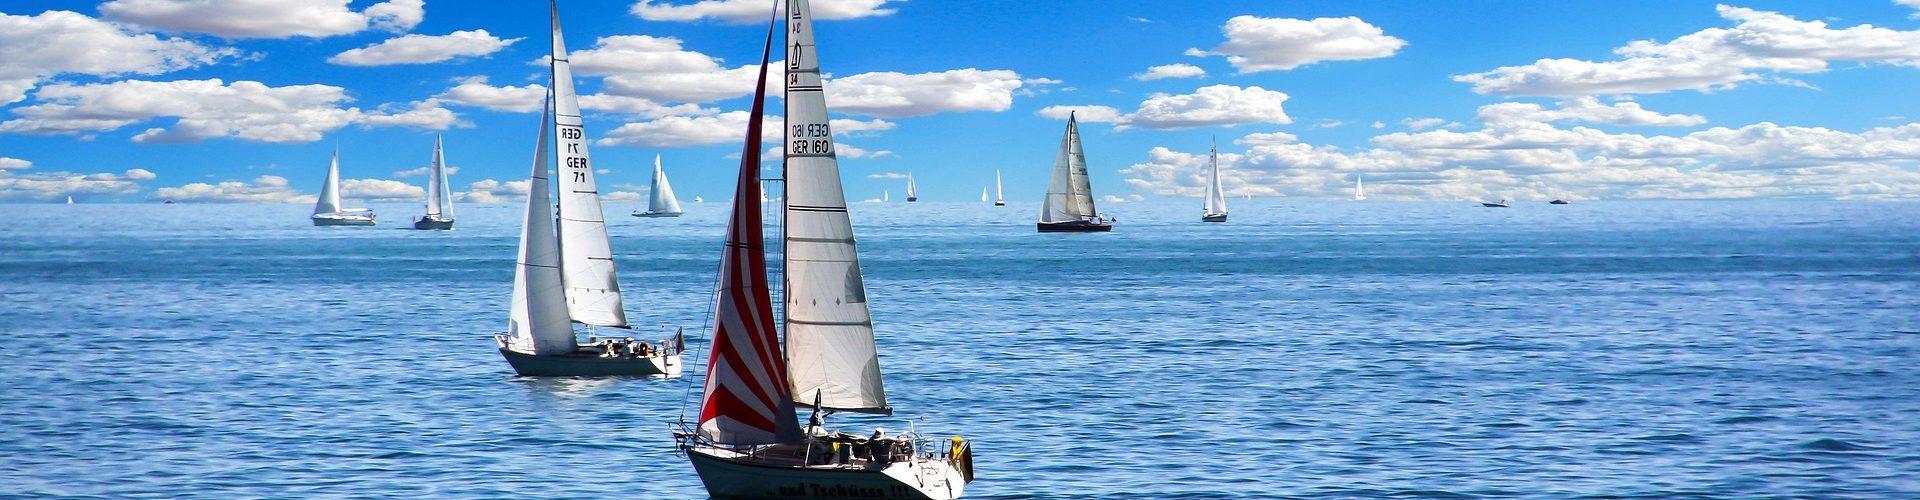 segeln lernen in Kressbronn am Bodensee segelschein machen in Kressbronn am Bodensee 1920x500 - Segeln lernen in Kressbronn am Bodensee